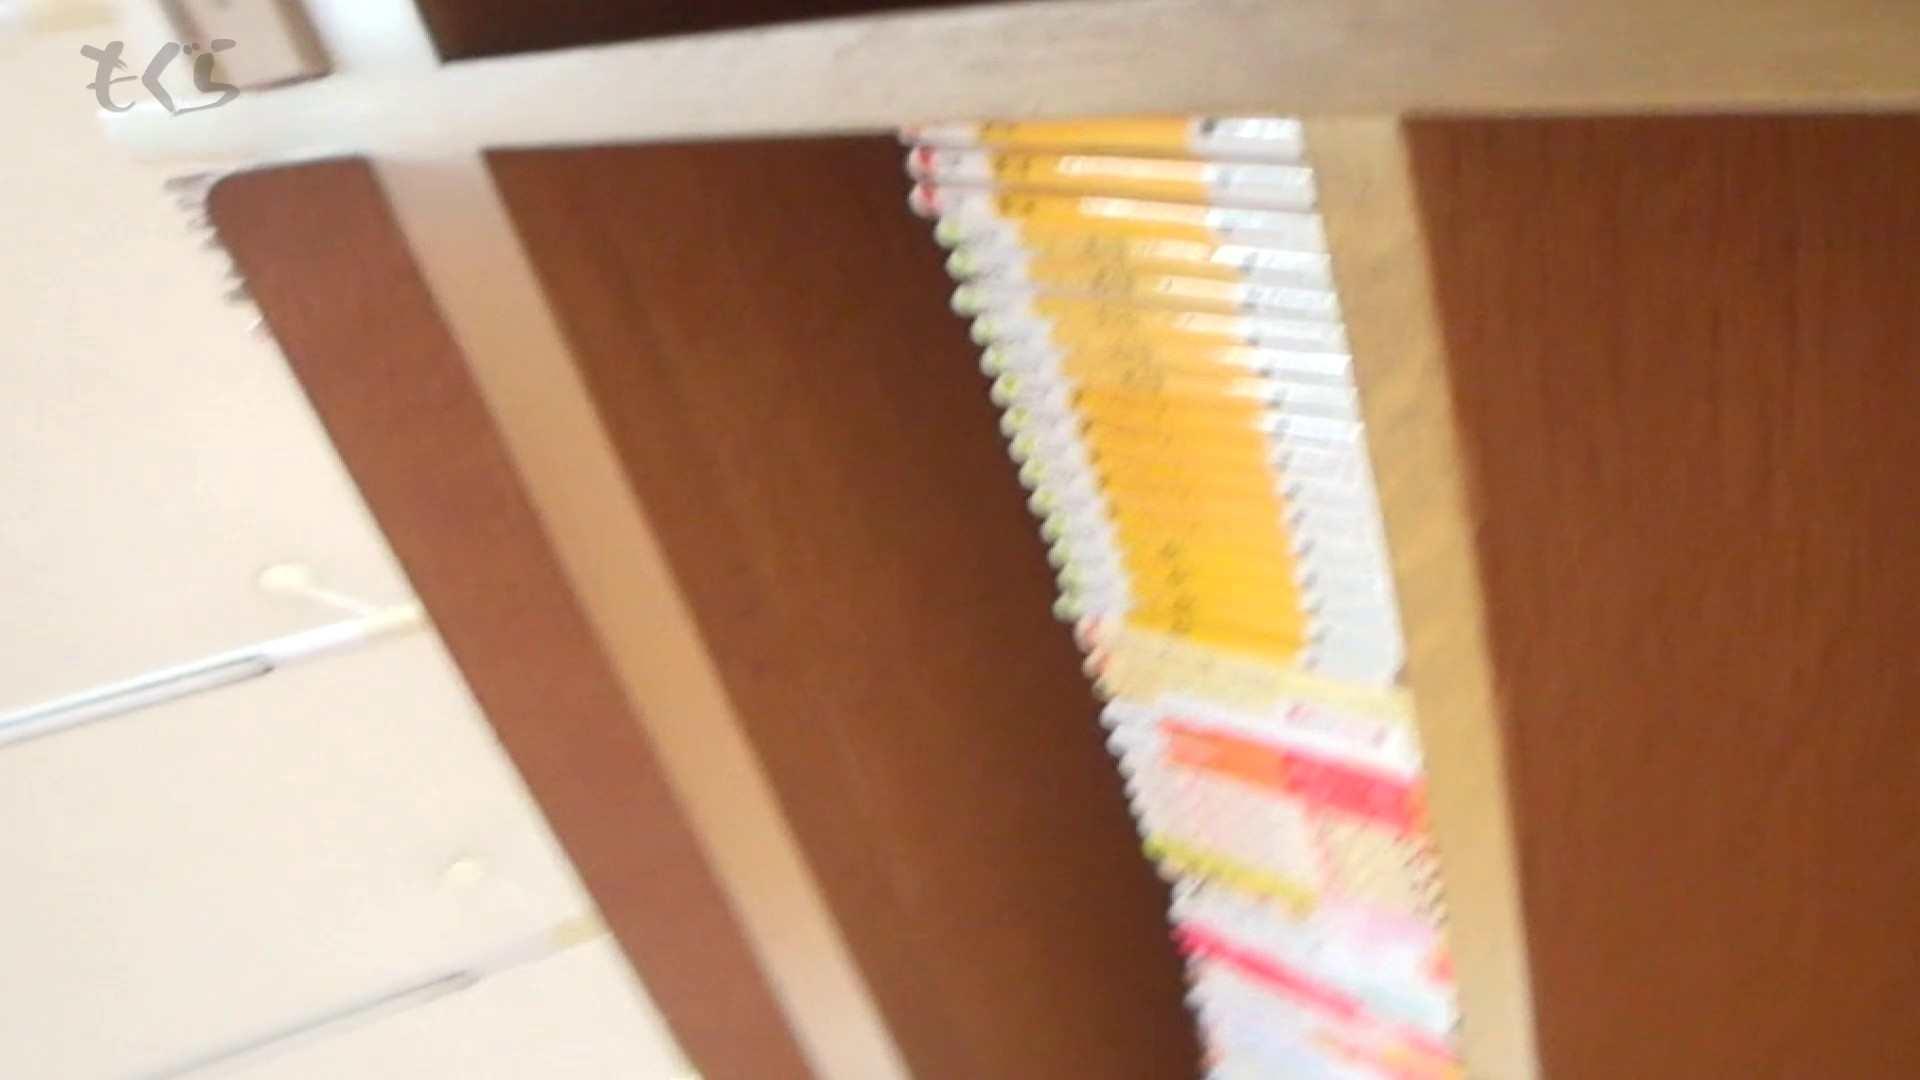 隣から【期間限定品】No.02 文庫女子はやはり白パン!! 丸見え | パンチラ女子  96枚 13